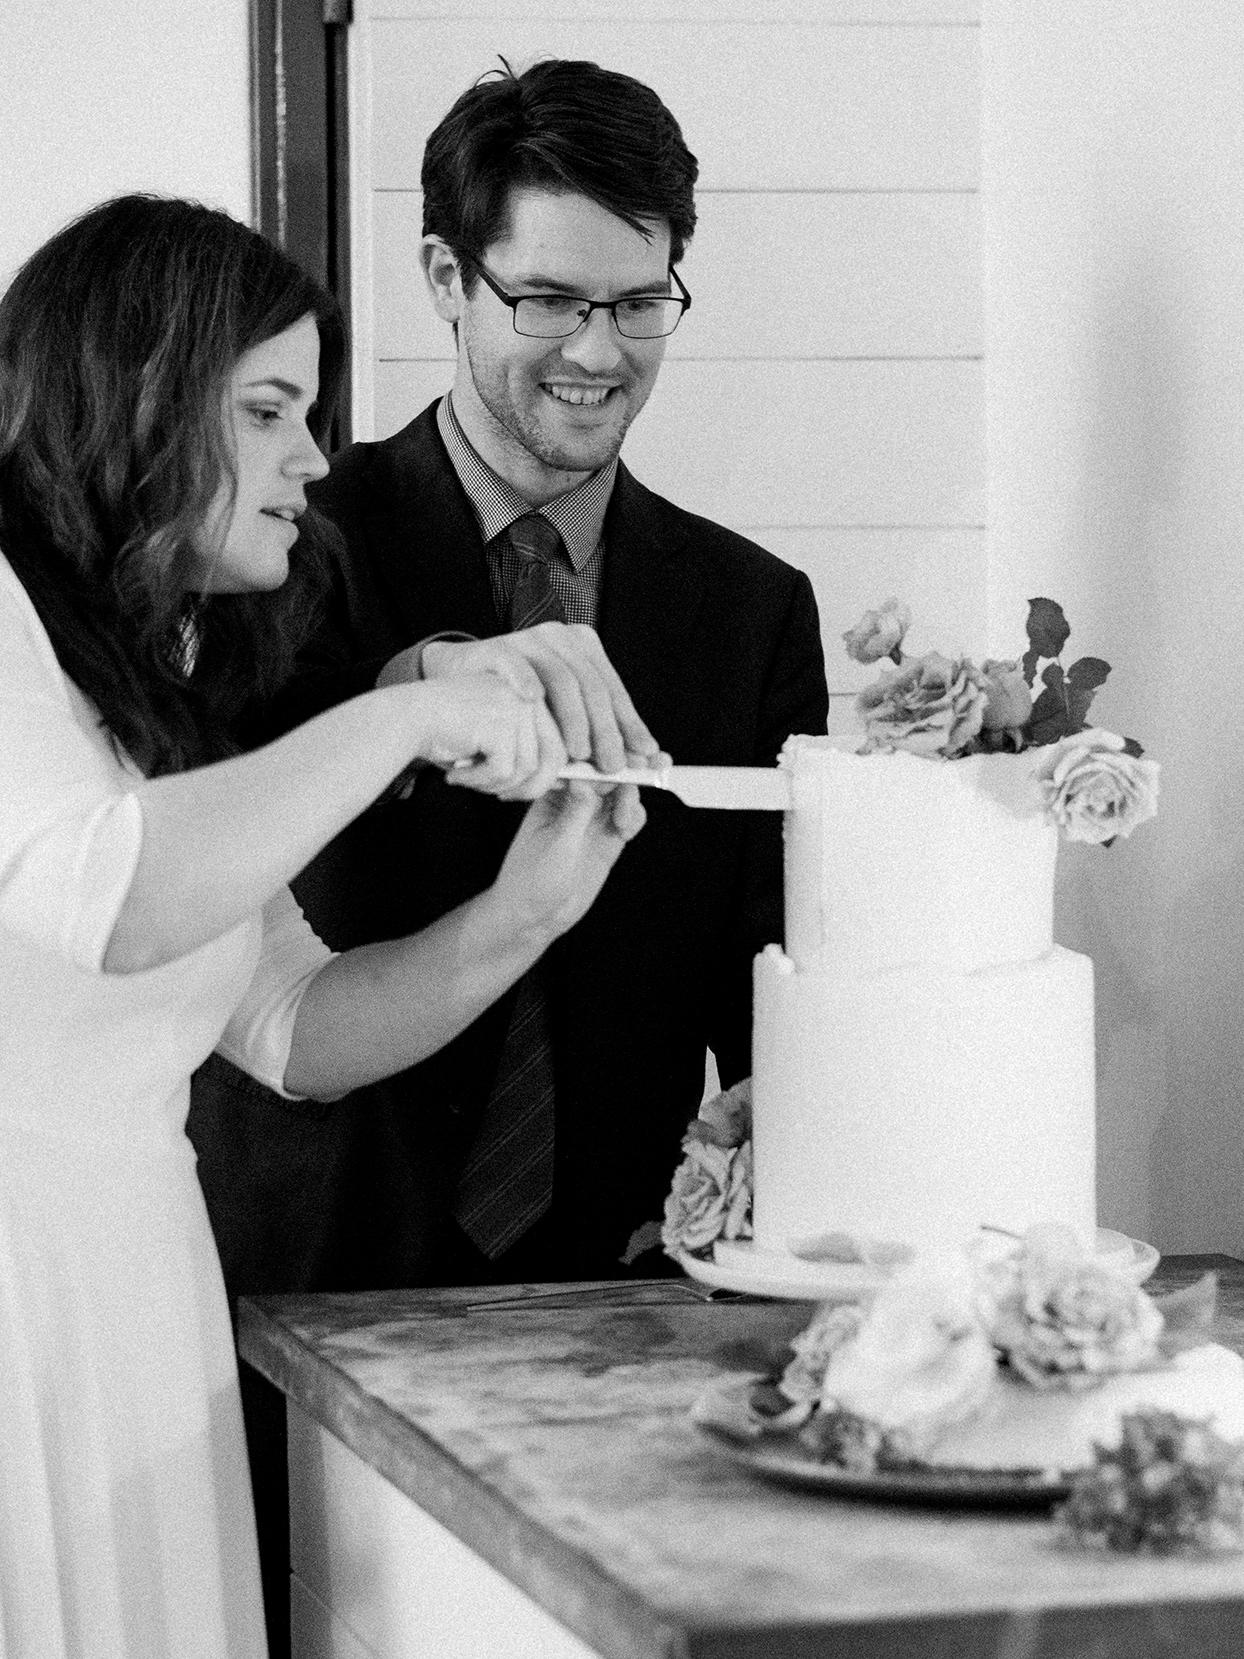 elizabeth scott wedding cake cutting